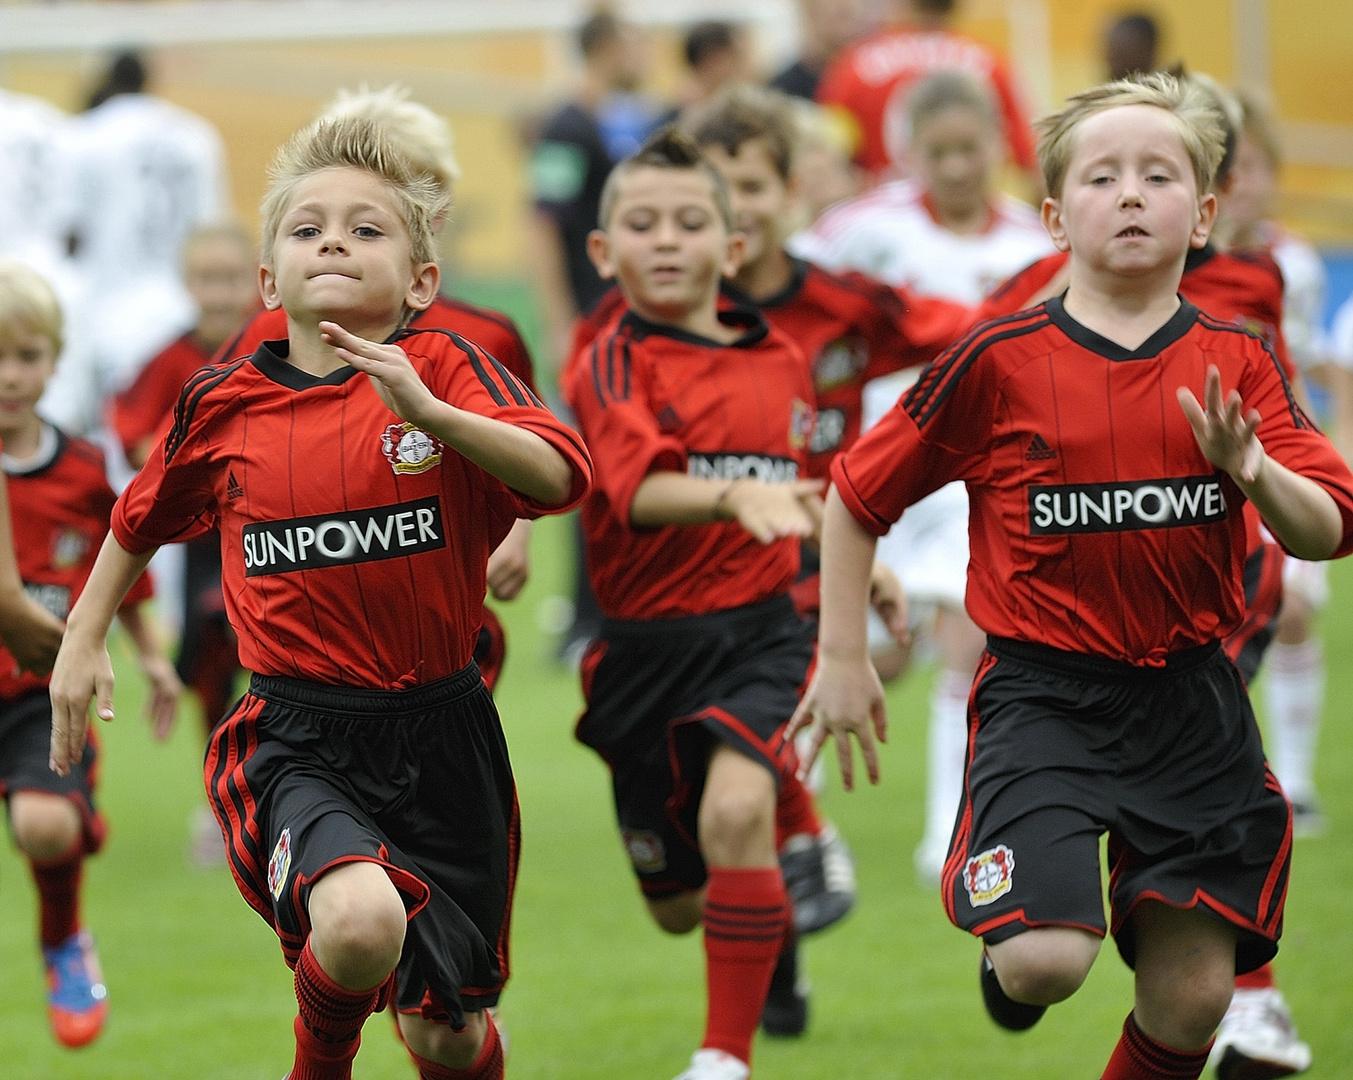 Wer ist schneller vom Feld? Die Fußball-Einlaufkinder